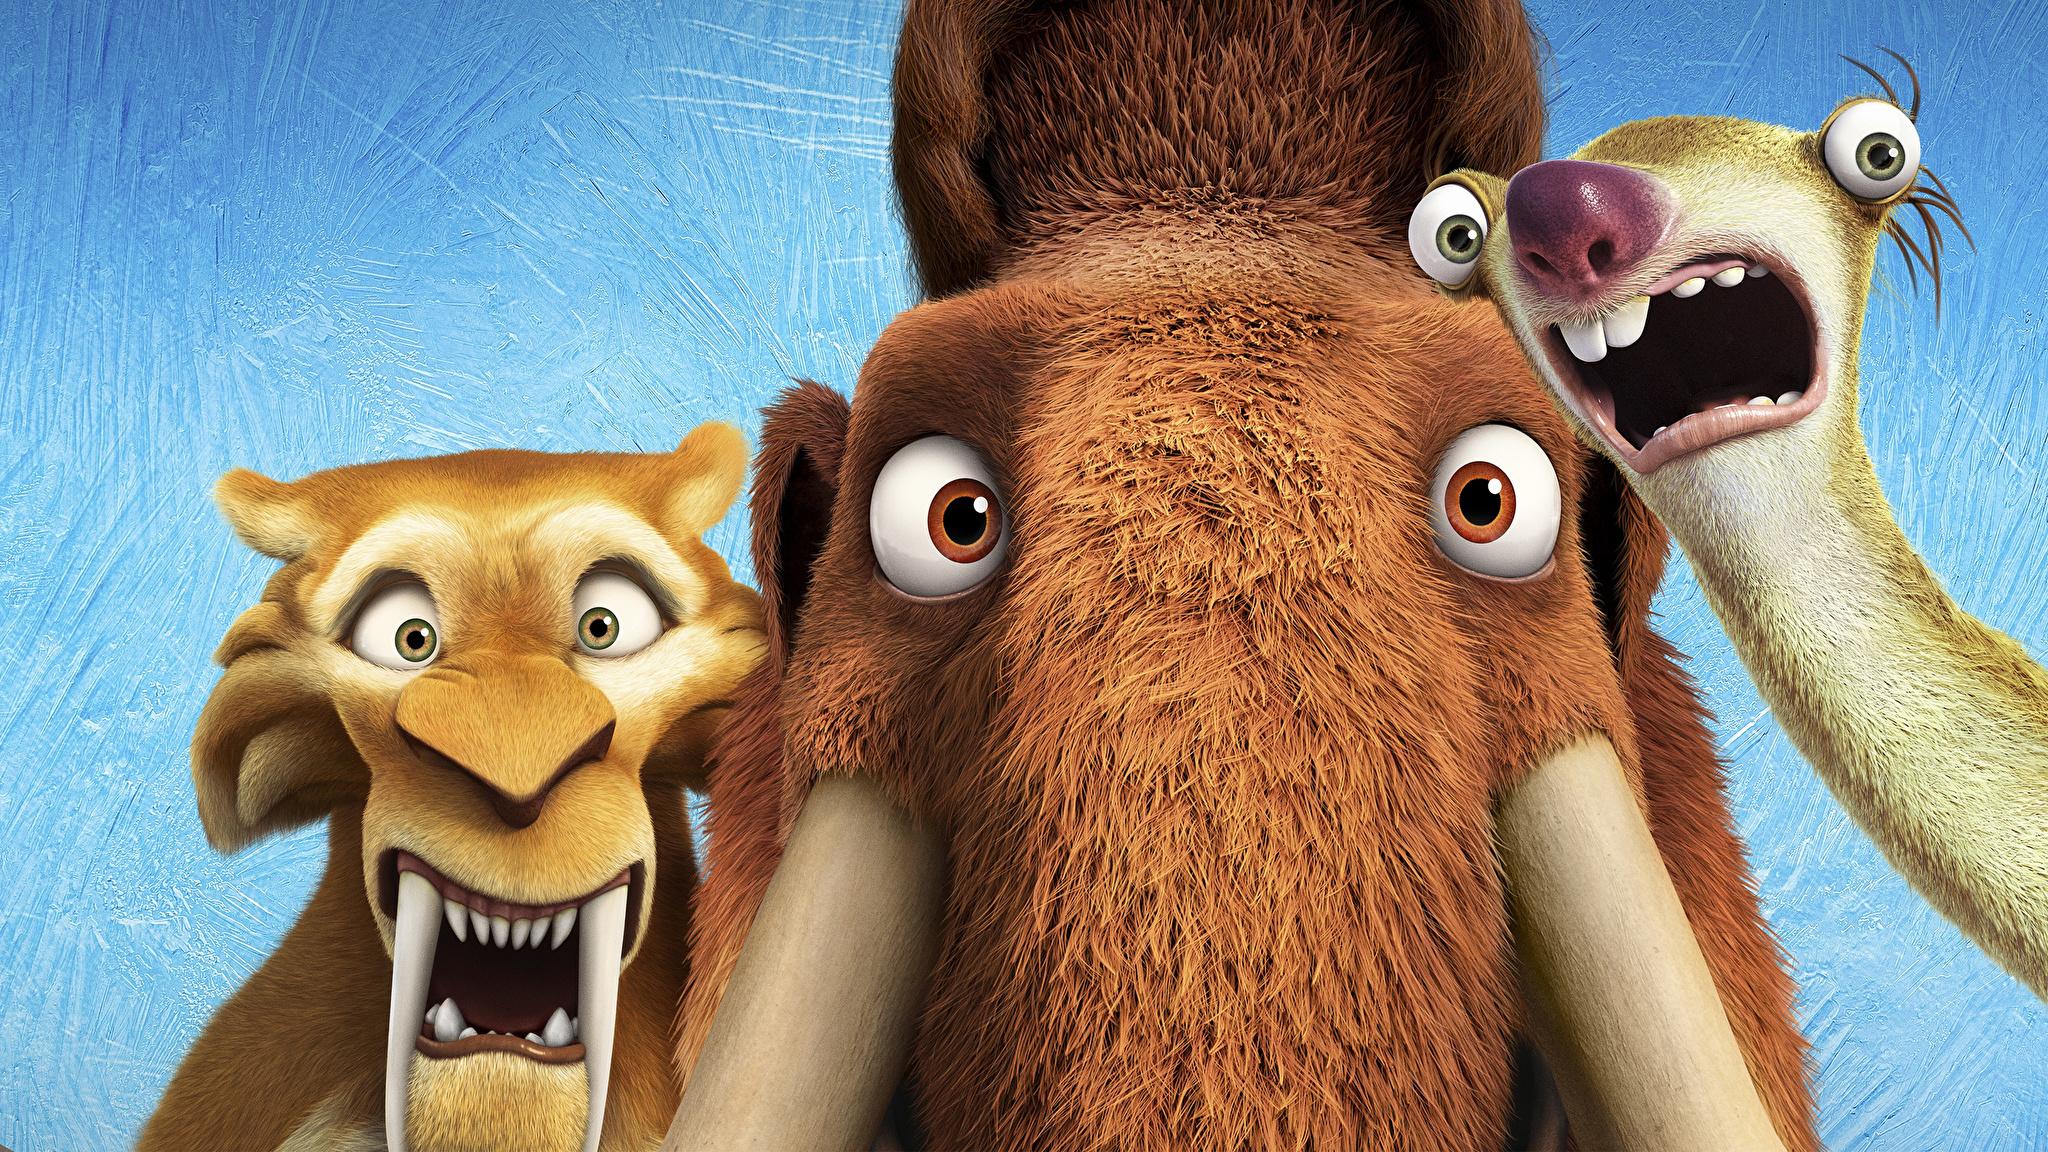 Hintergrundbilder Ice Age – Kollision voraus! Mammute Diego, Manny, Sid Animationsfilm 2048x1152 Zeichentrickfilm